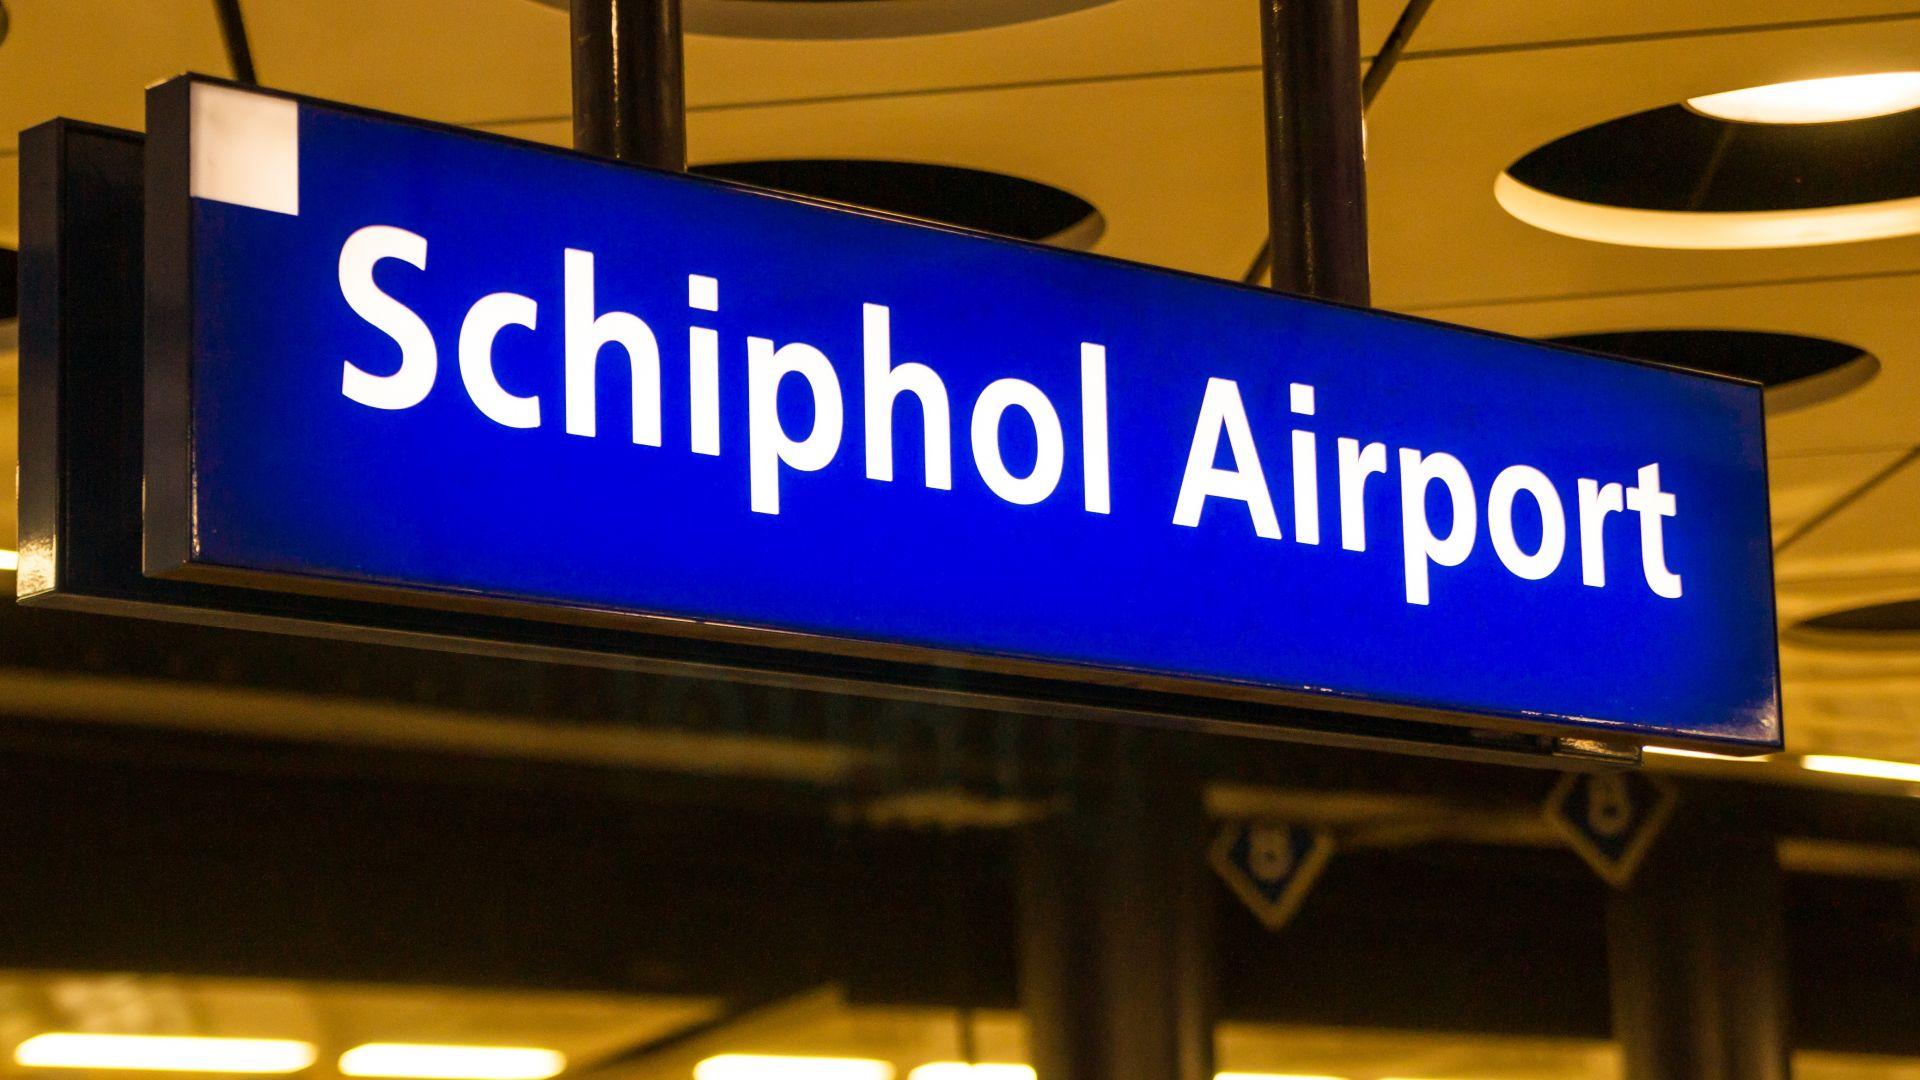 Проблеми с горивото блокираха 30 хил. пътници на летището в Амстердам